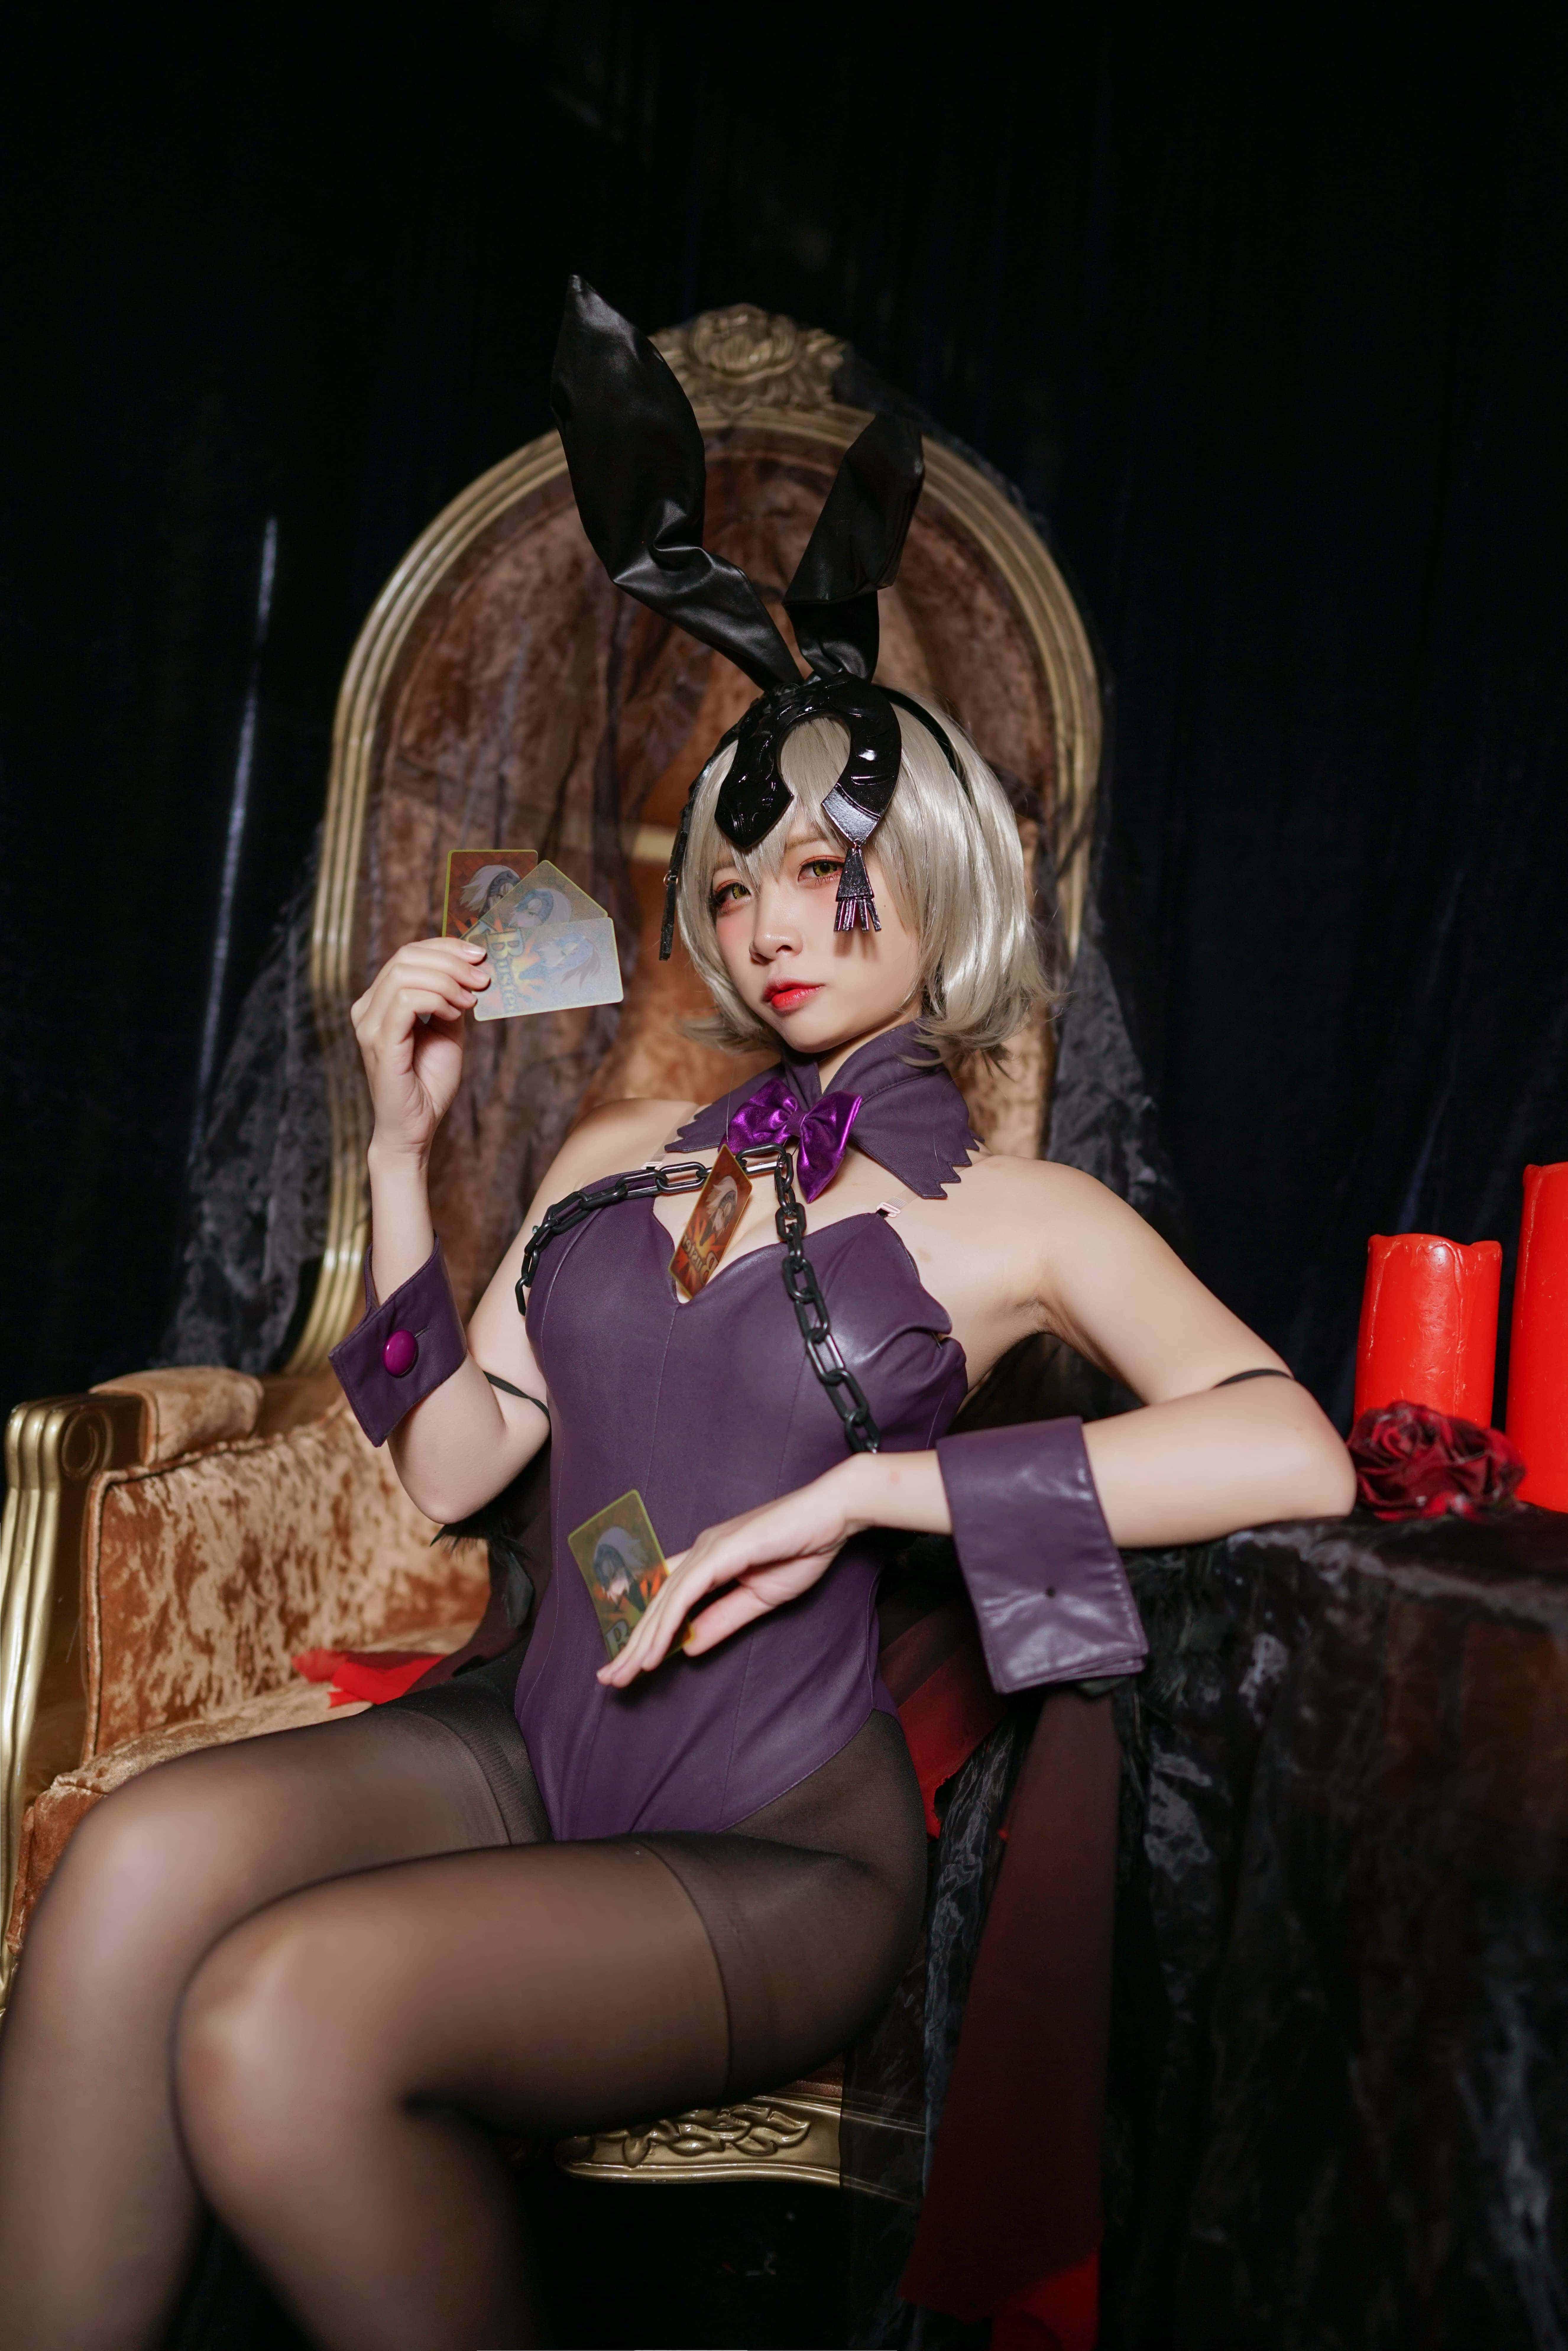 【二佐Nisa】cosplay《fate》黑贞德兔女郎正片 次元美图